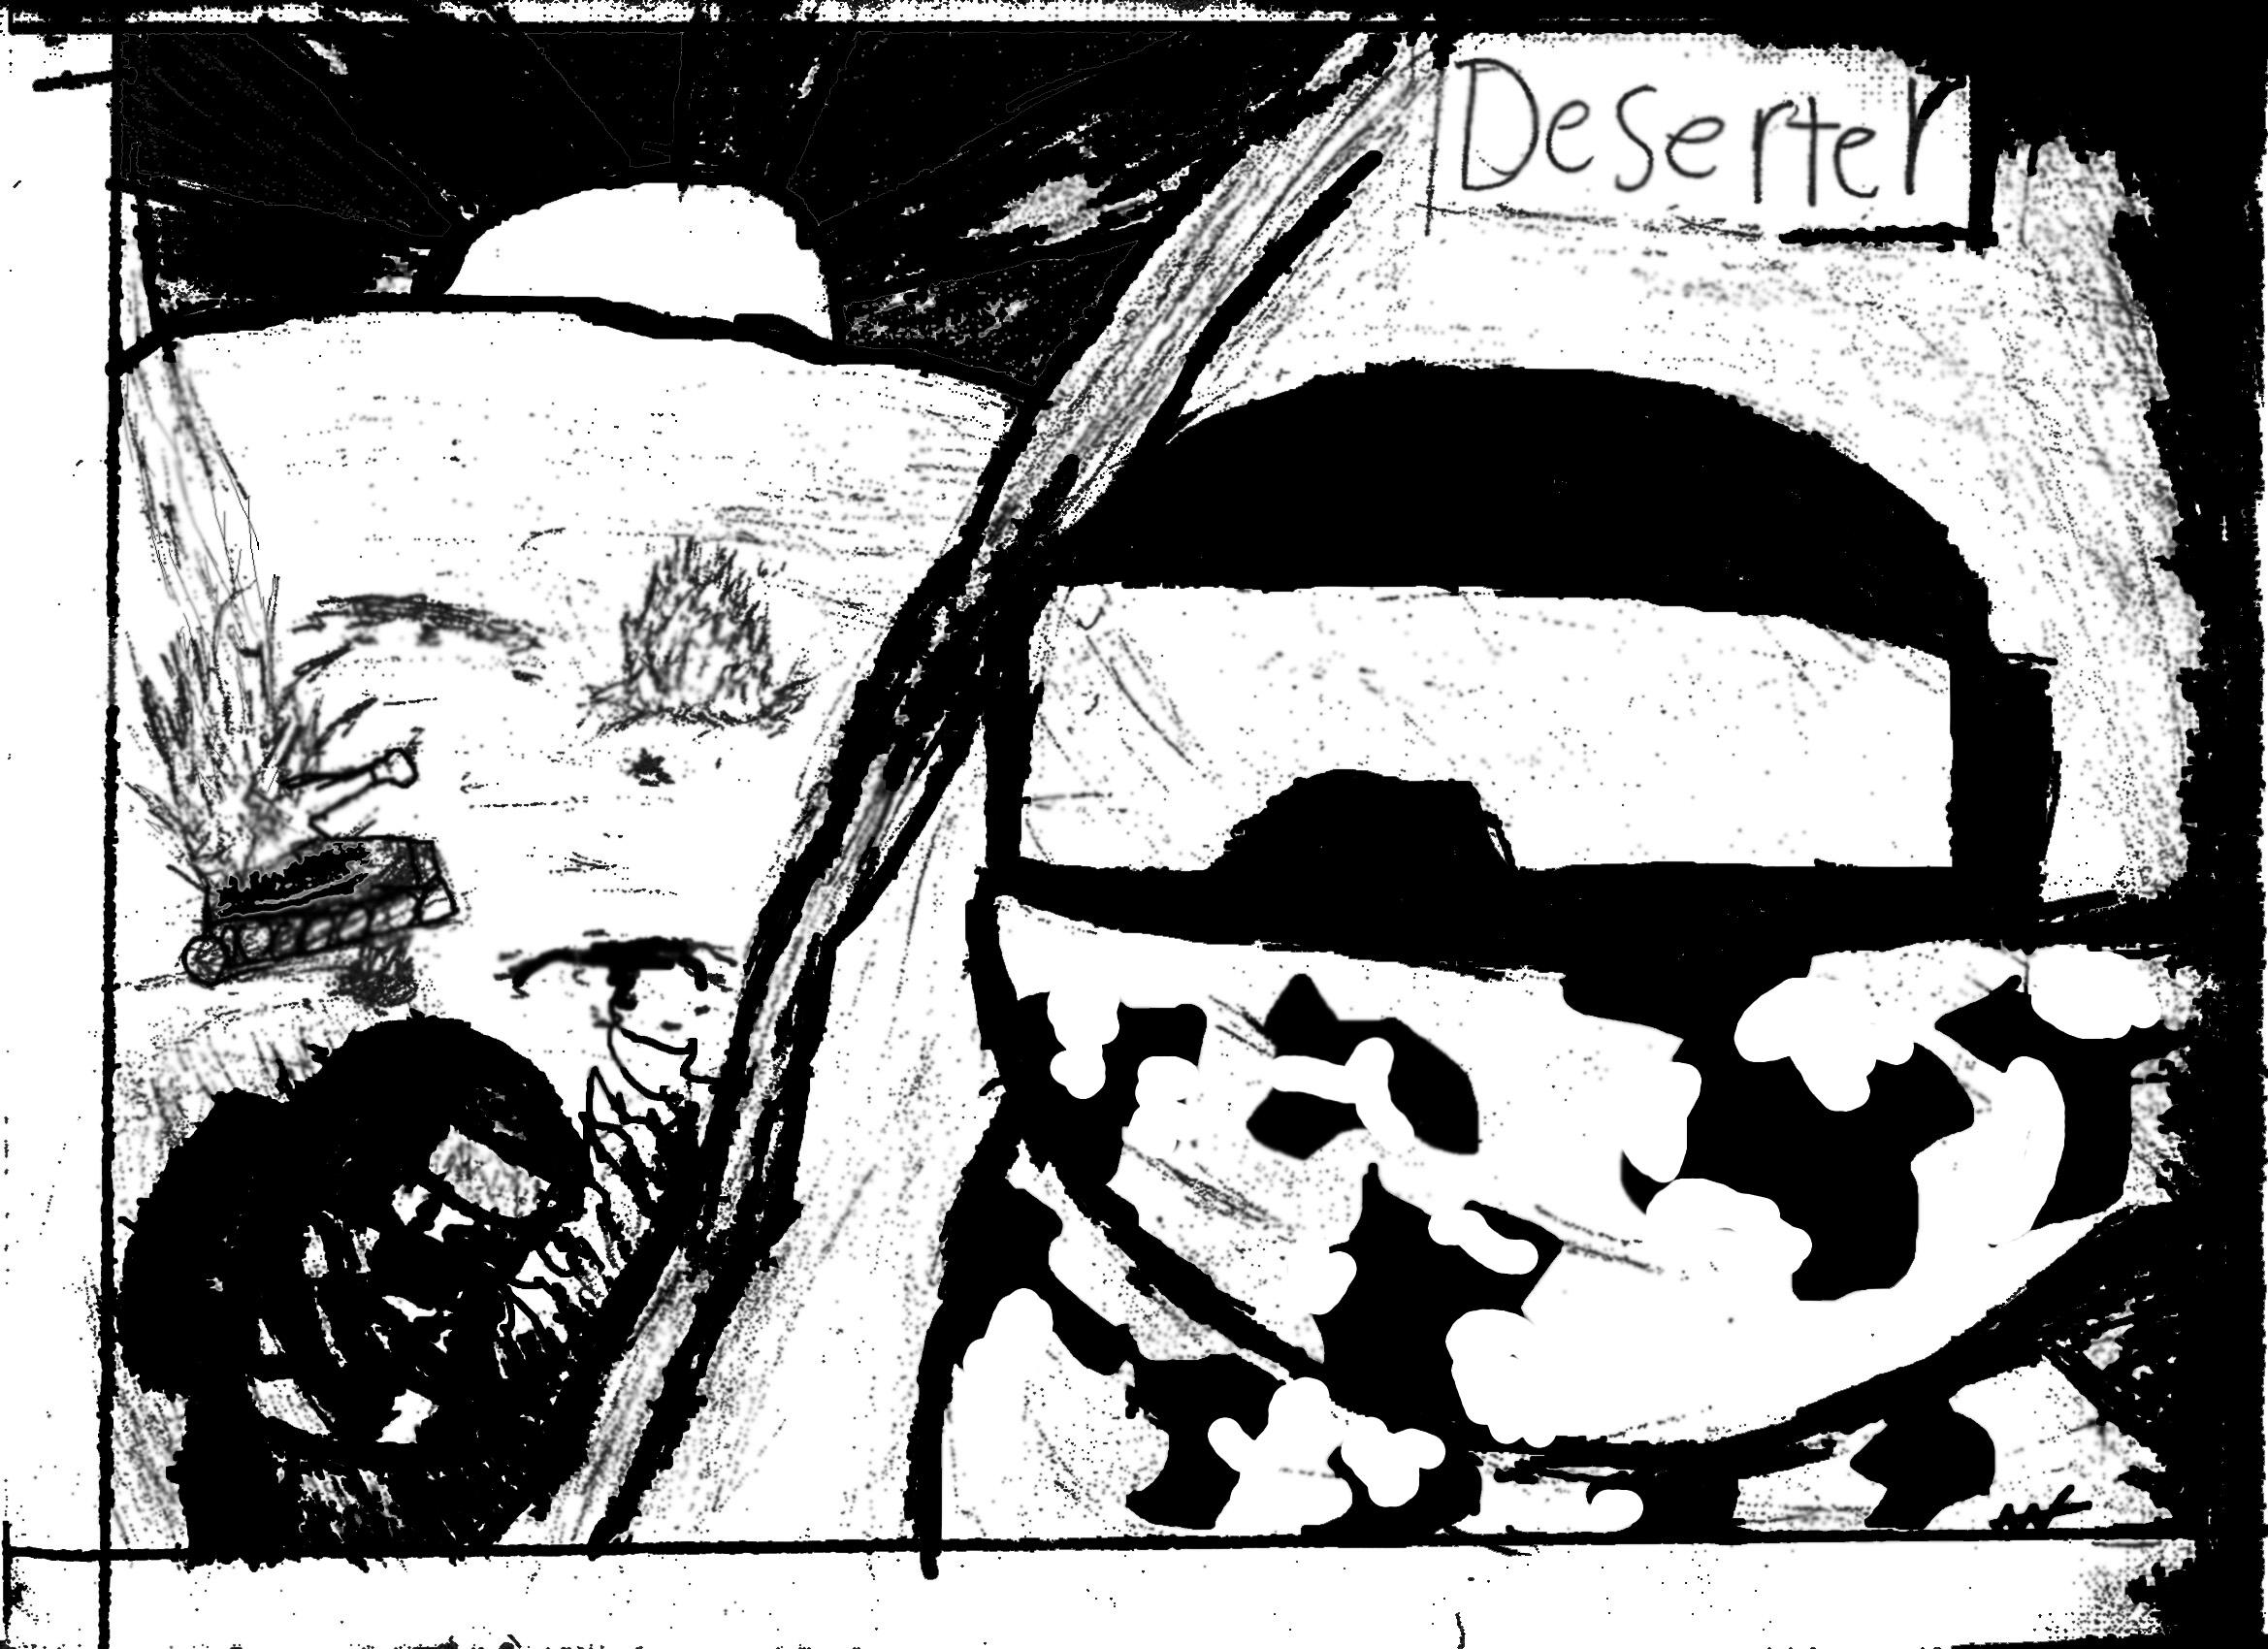 Deserter Done